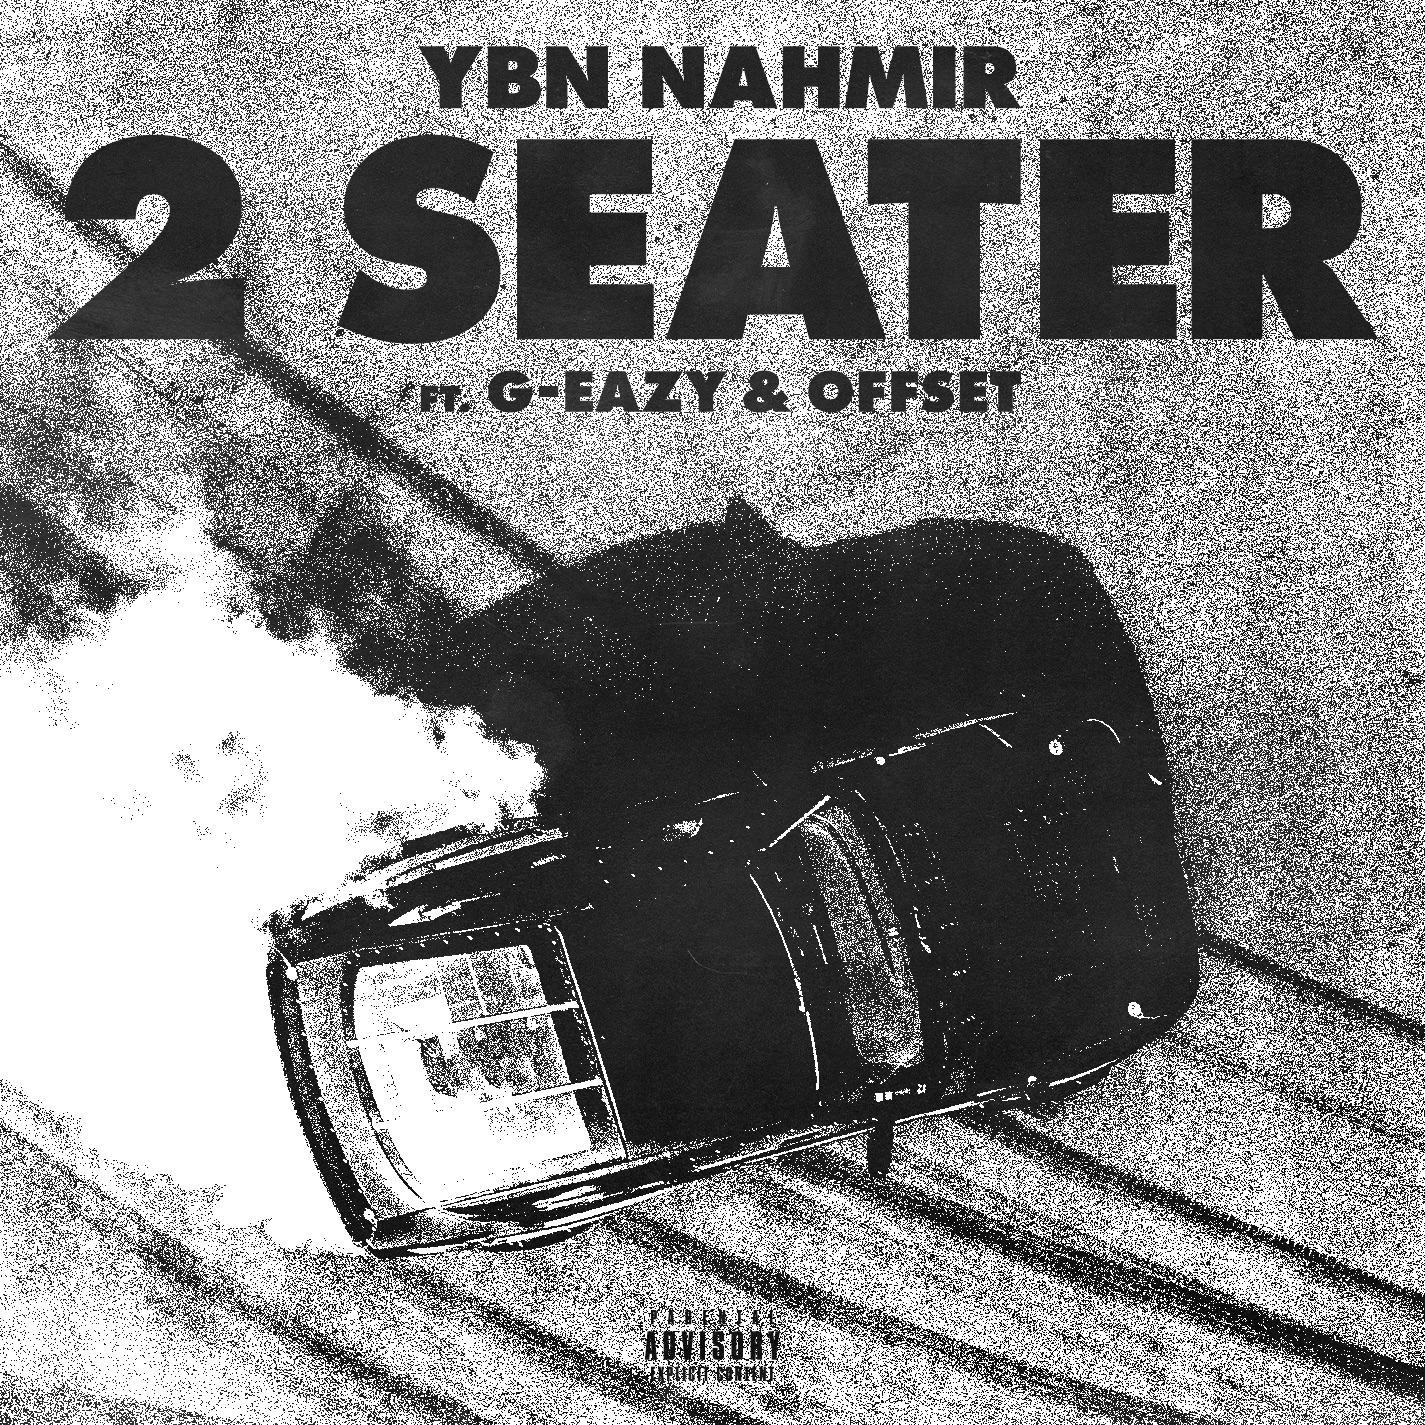 YBN Nahmir – 2 Seater (feat. G-Eazy & Offset)